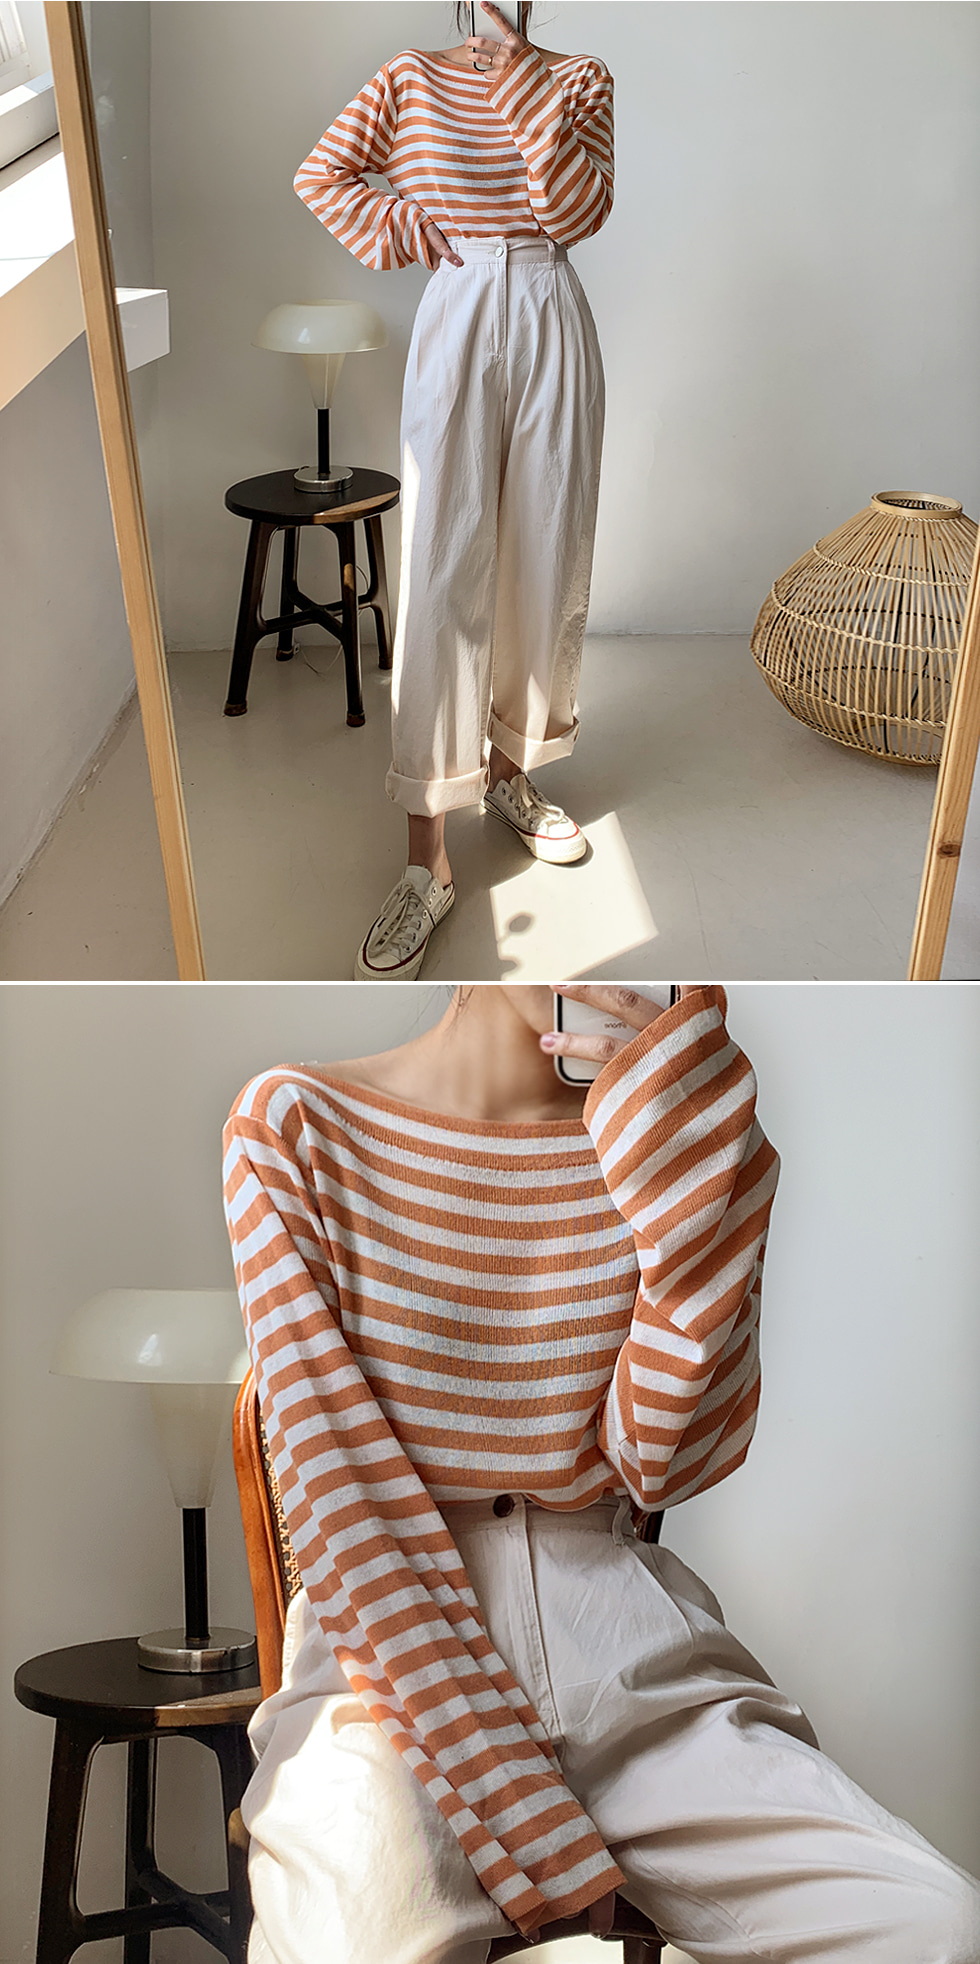 Show Me Boat Neck Knitwear